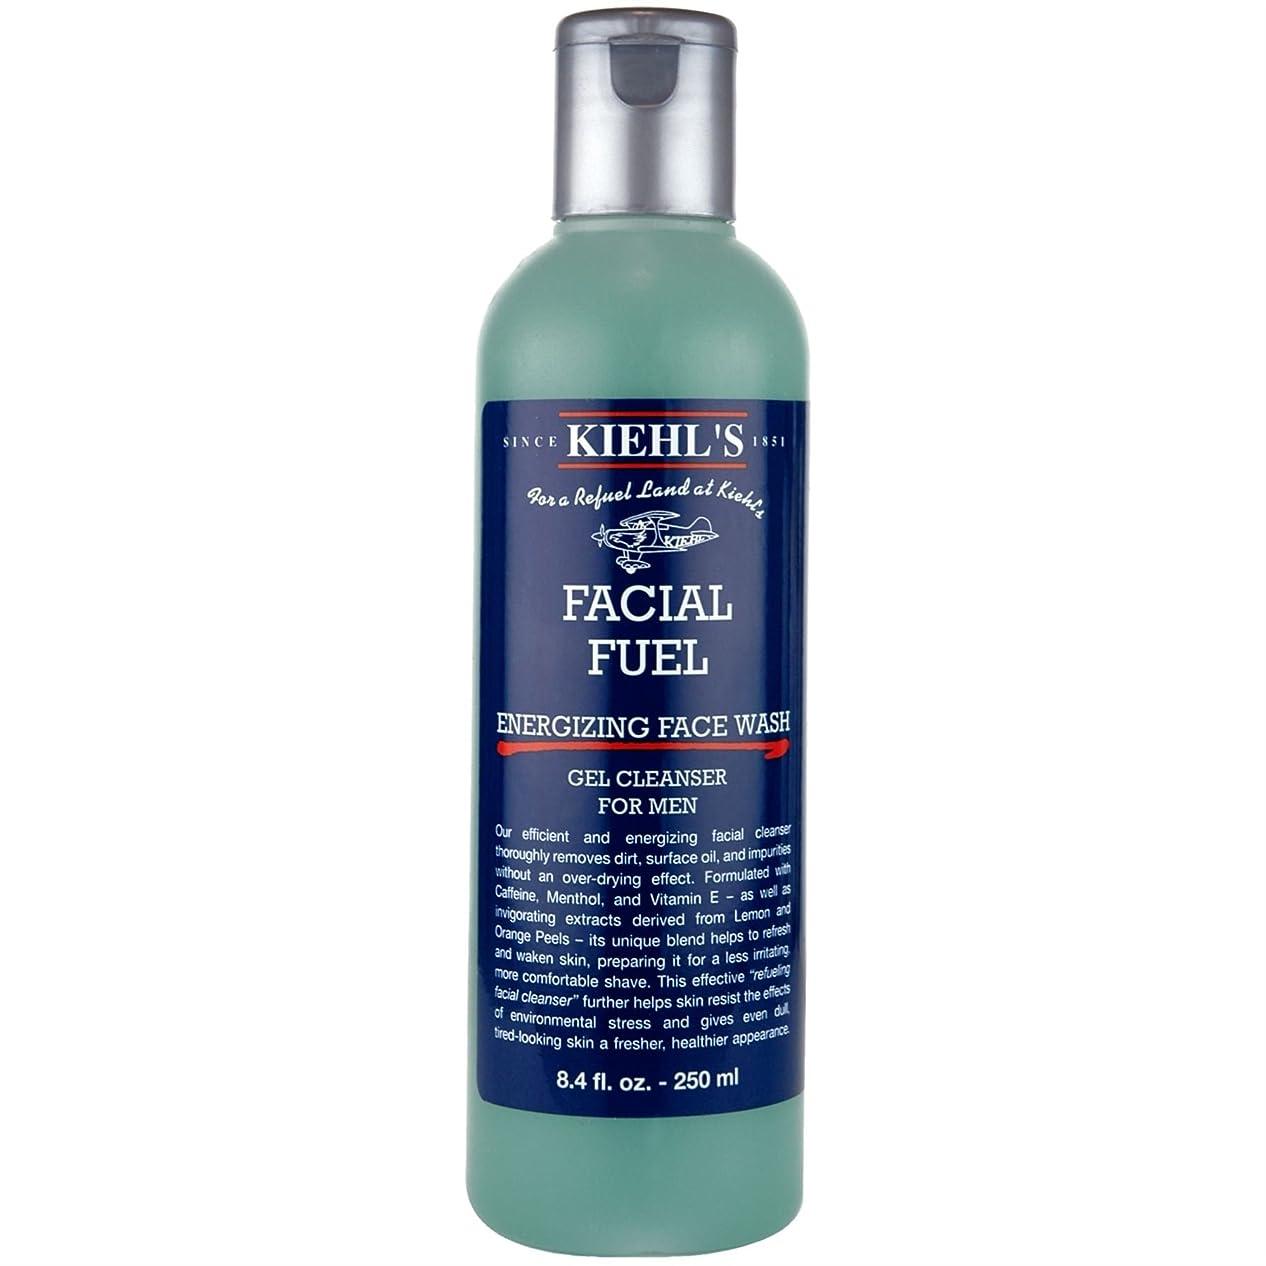 ヘッジ側面下線[Kiehl's] 男性のためのキールズフェイシャル燃料通電洗顔250ミリリットル - Kiehl's Facial Fuel Energizing Face Wash For Men 250ml [並行輸入品]